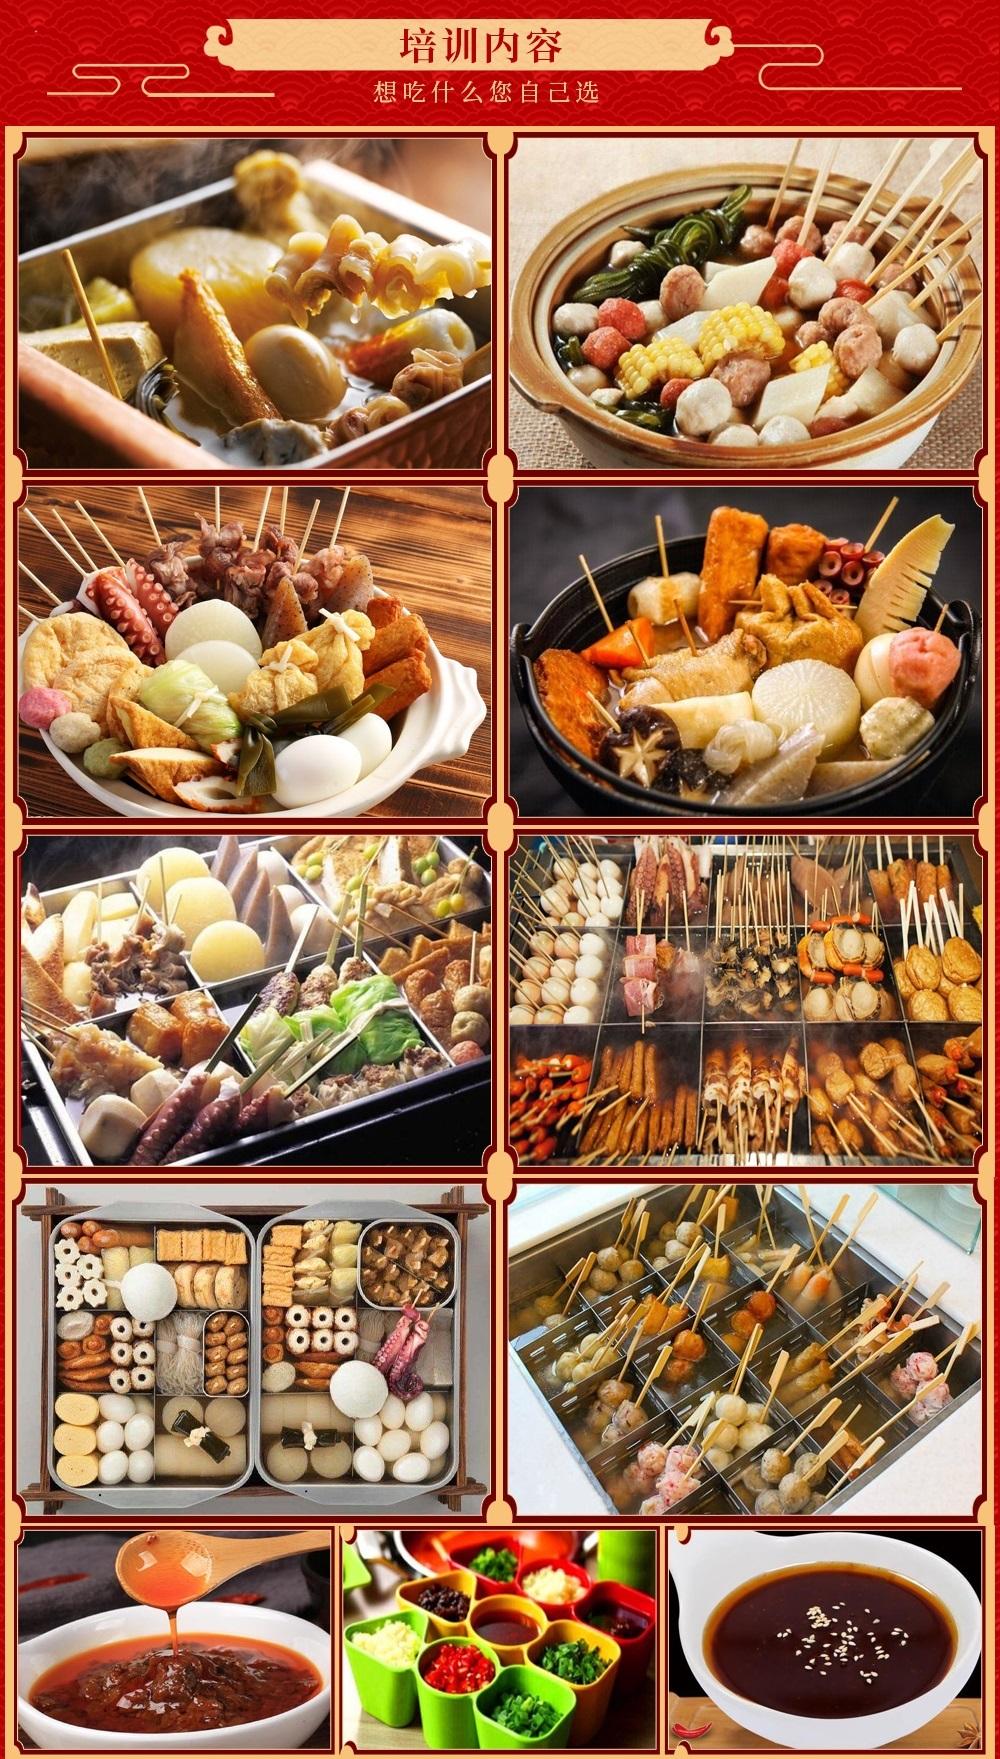 哈尔滨红肠图片